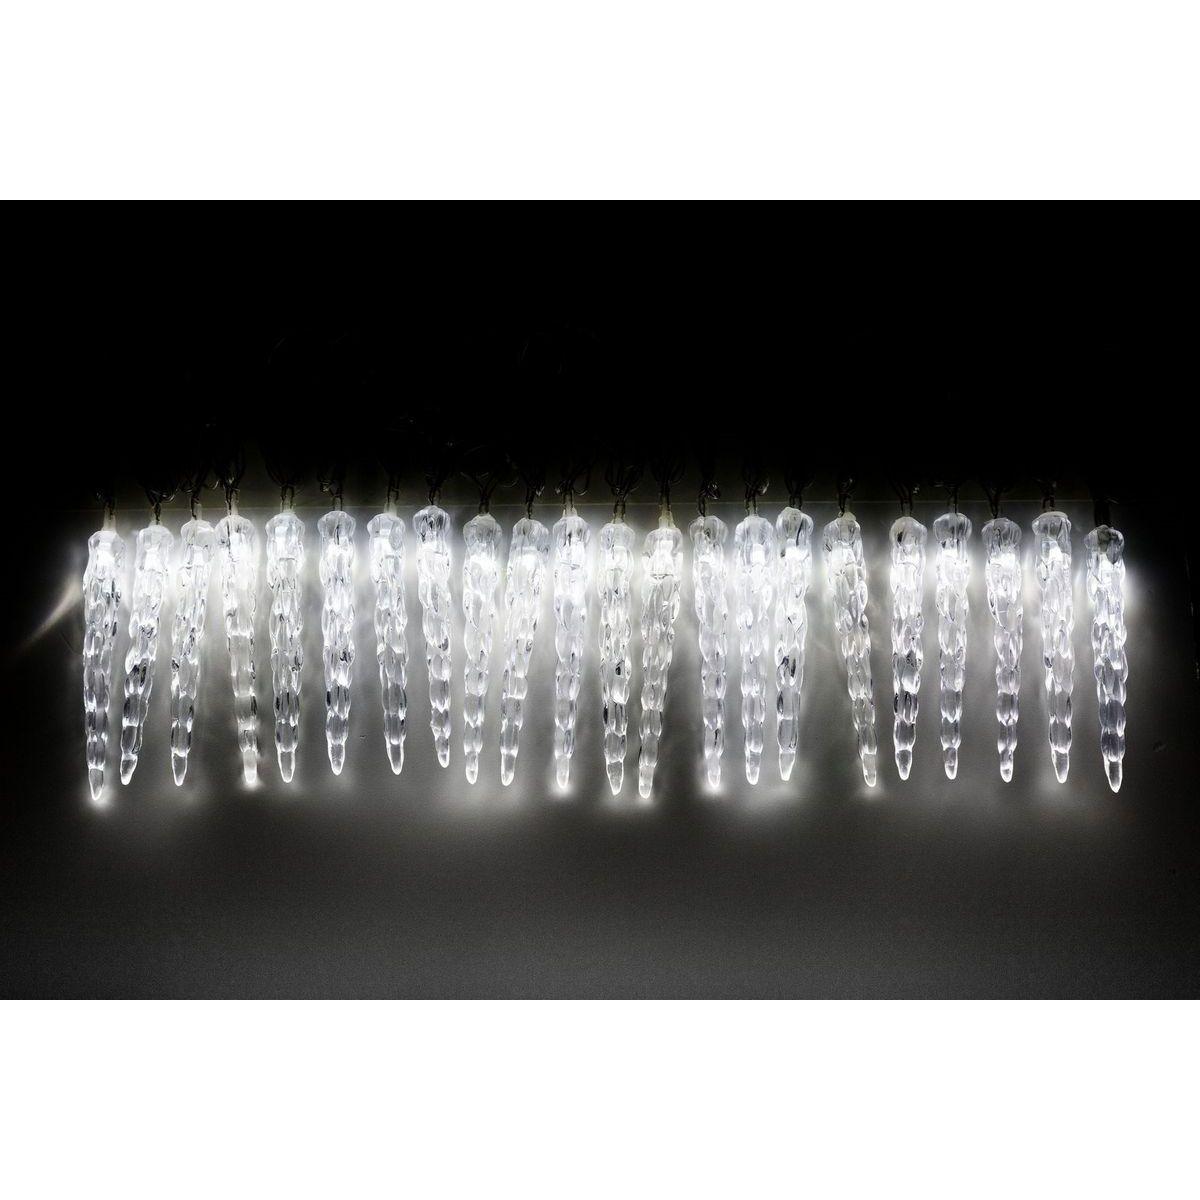 Marimex Rampouchy mini 40 ks řetěz světelný LED Marimex